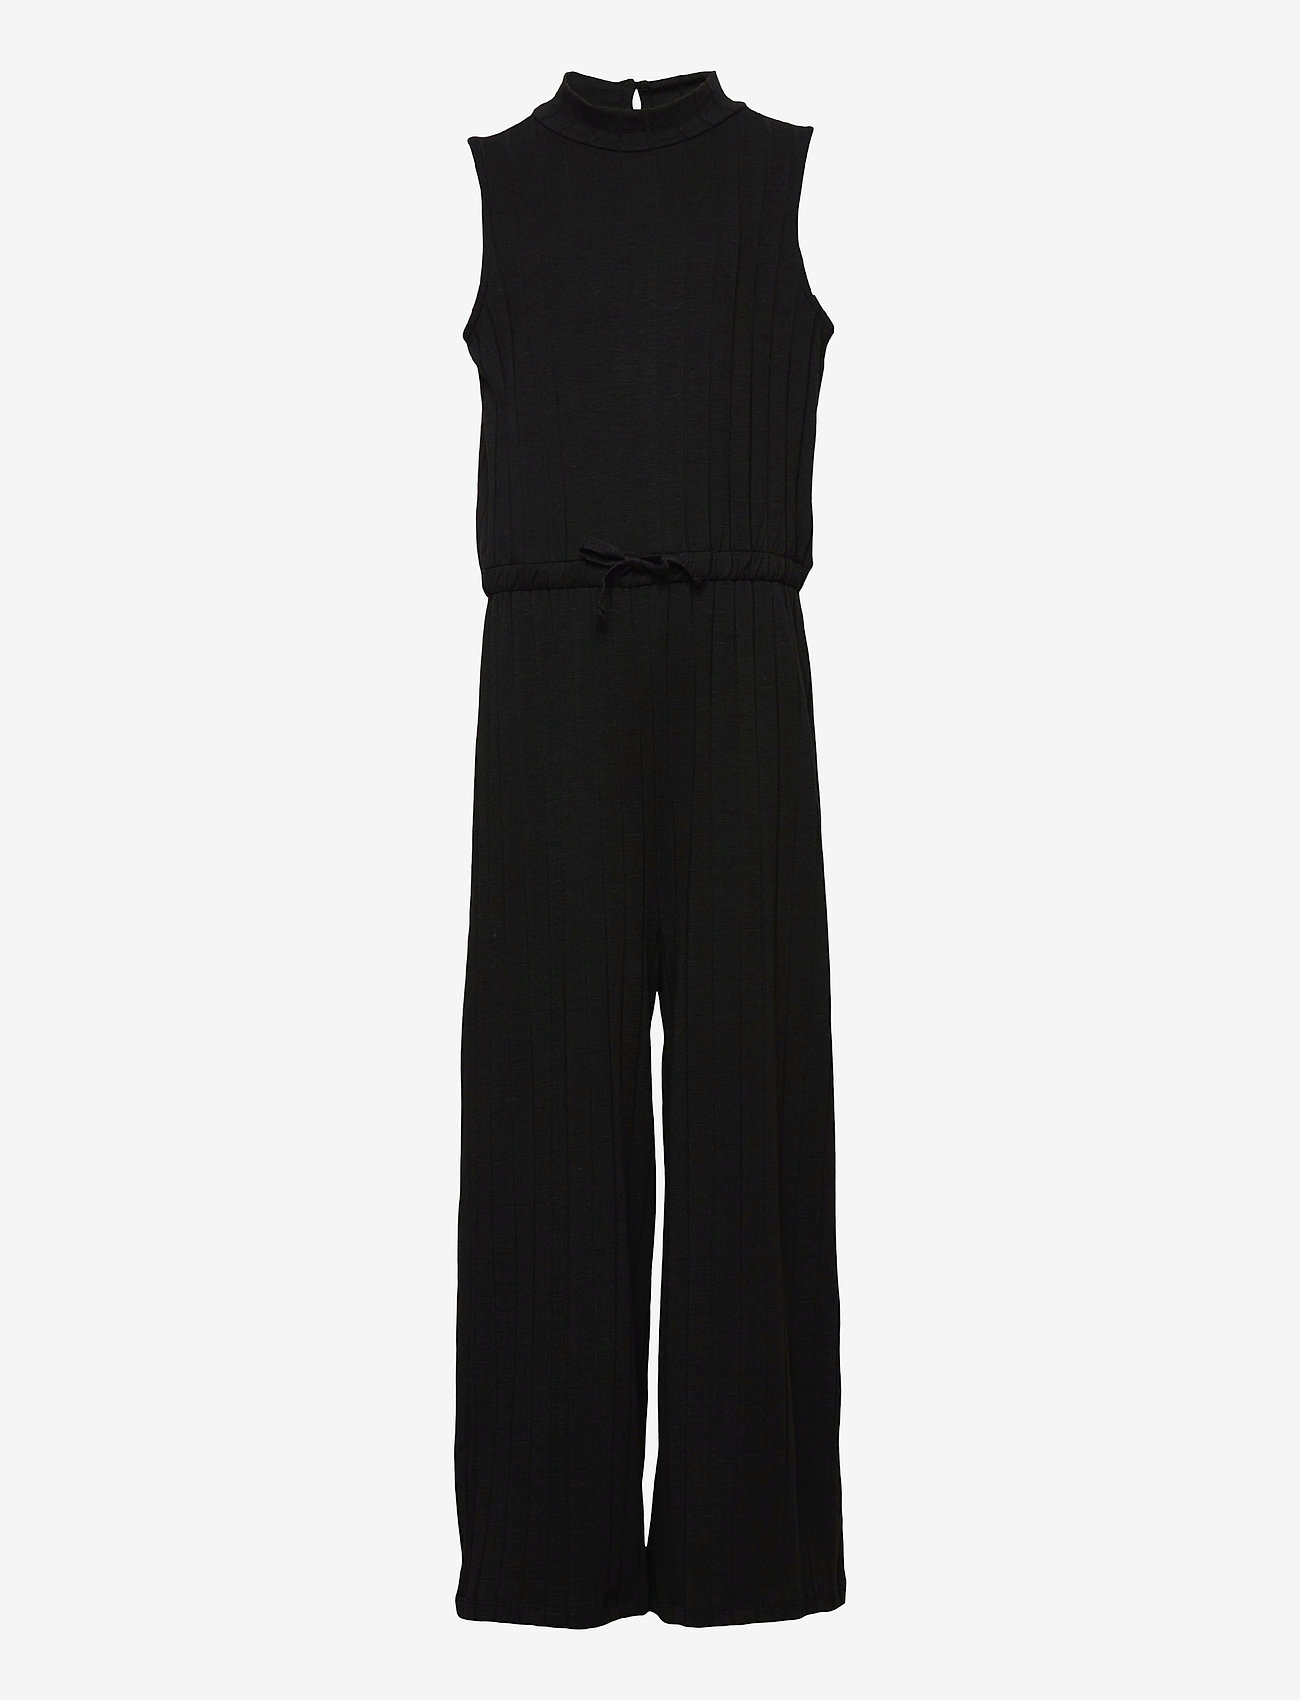 LMTD - NLFDUNNE SL JUMPSUIT - jumpsuits - black - 0